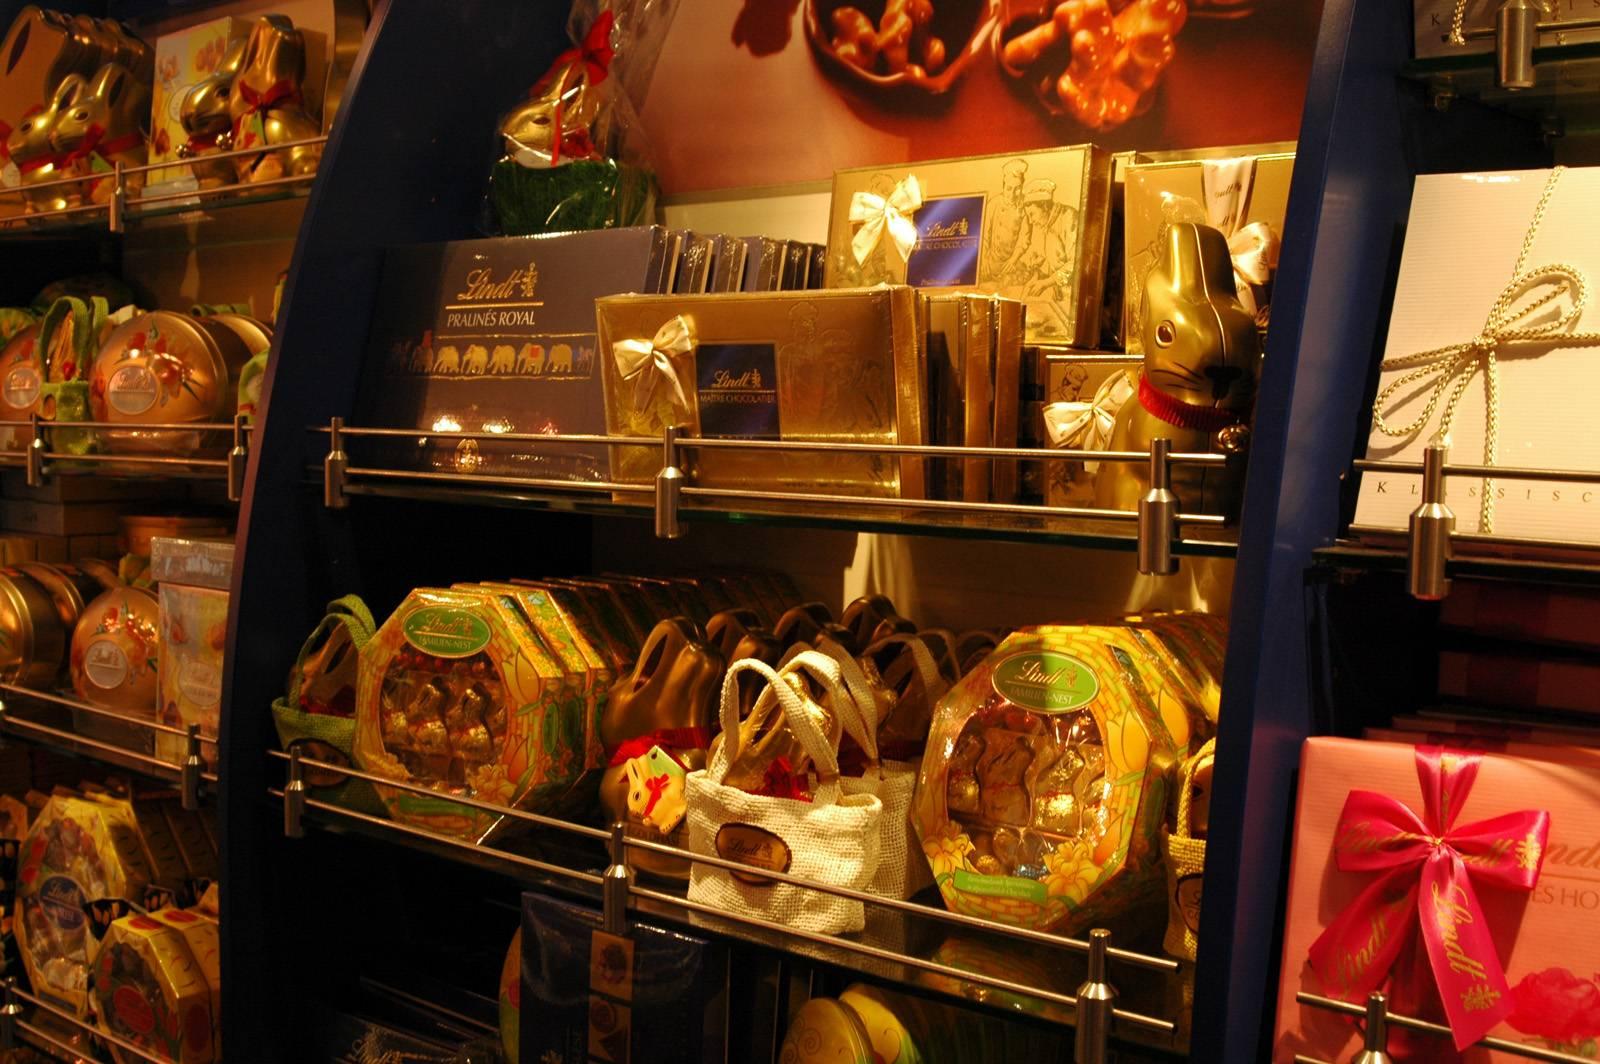 Музей шоколада (кёльн) — википедия. что такое музей шоколада (кёльн)